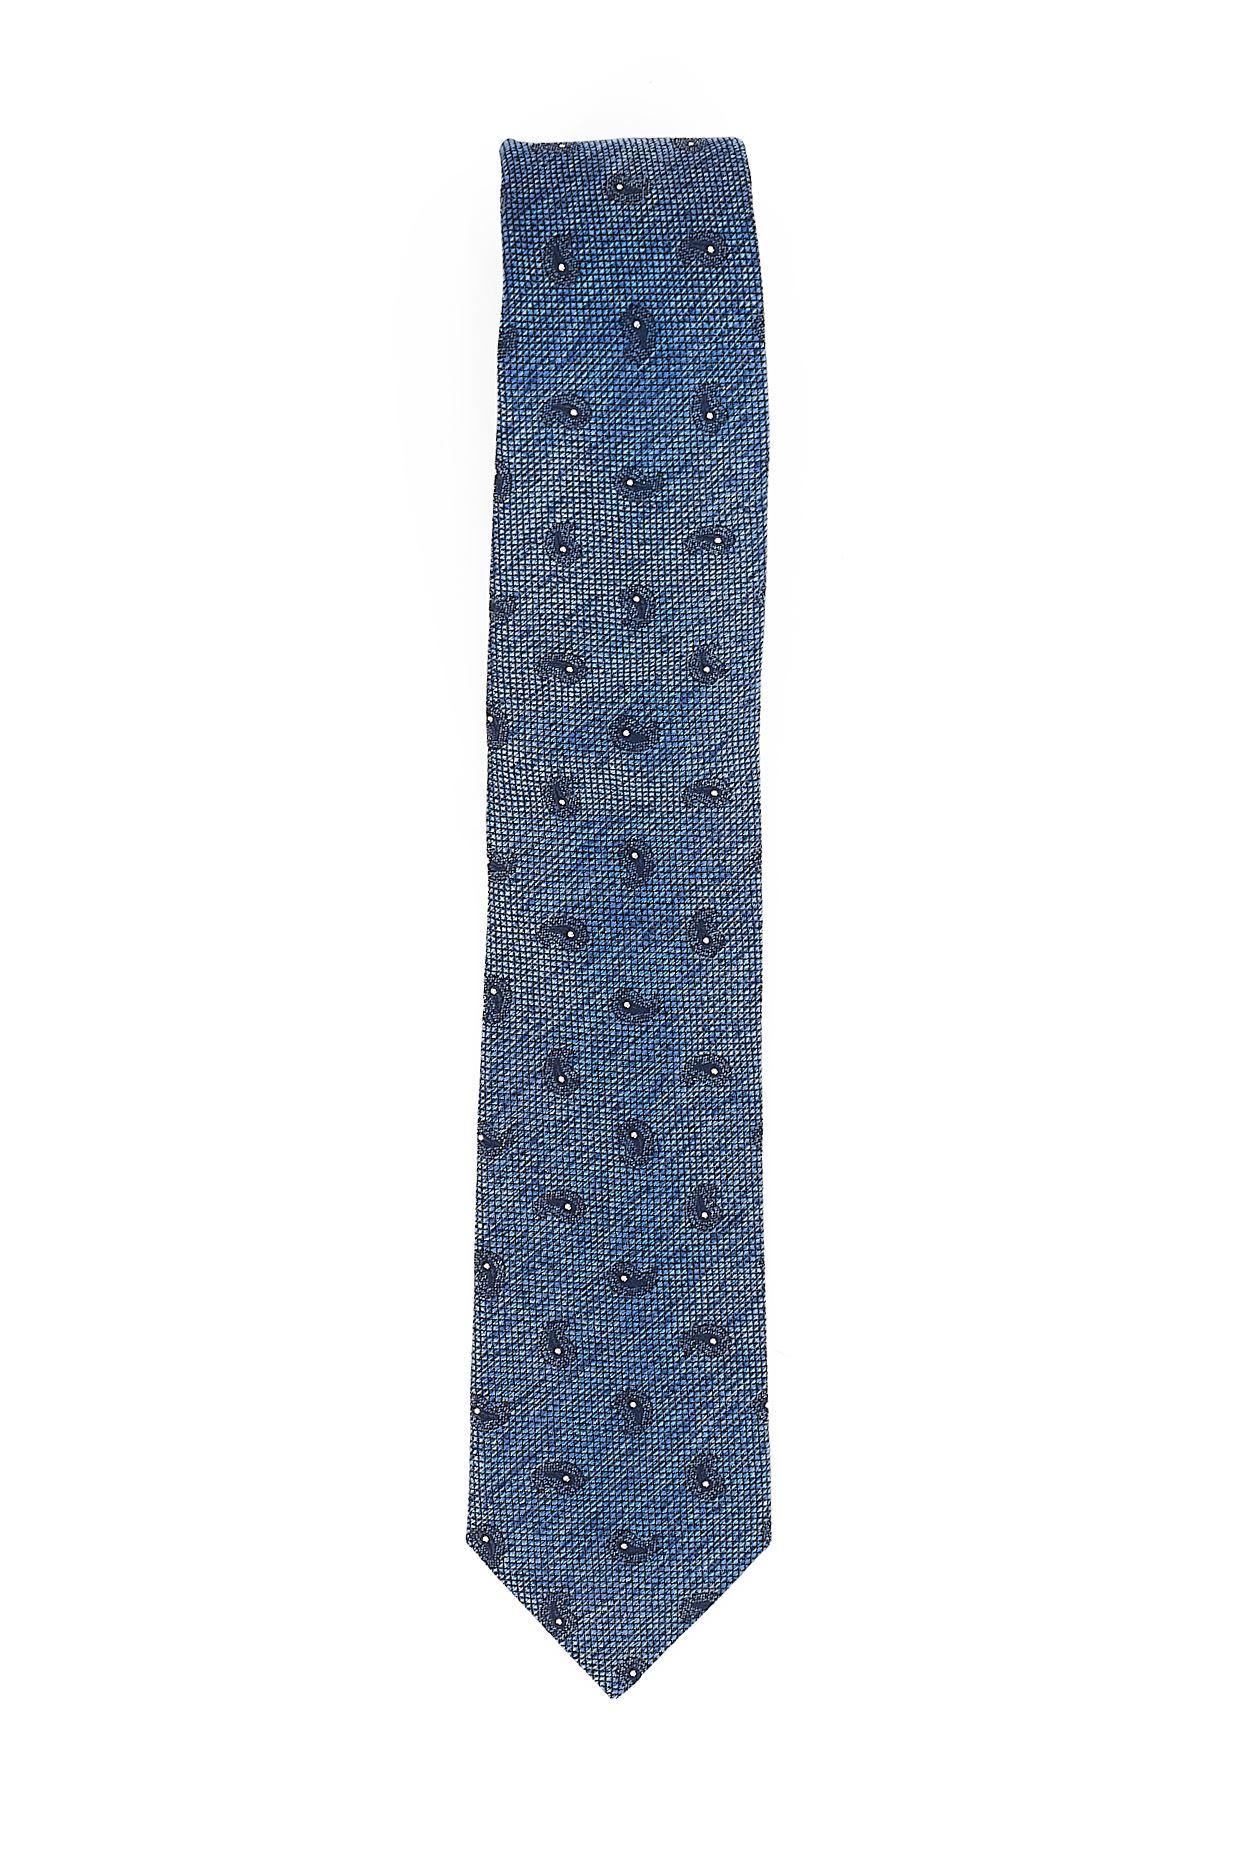 Immagine di Cravatta seta cotone fondo blu chiaro